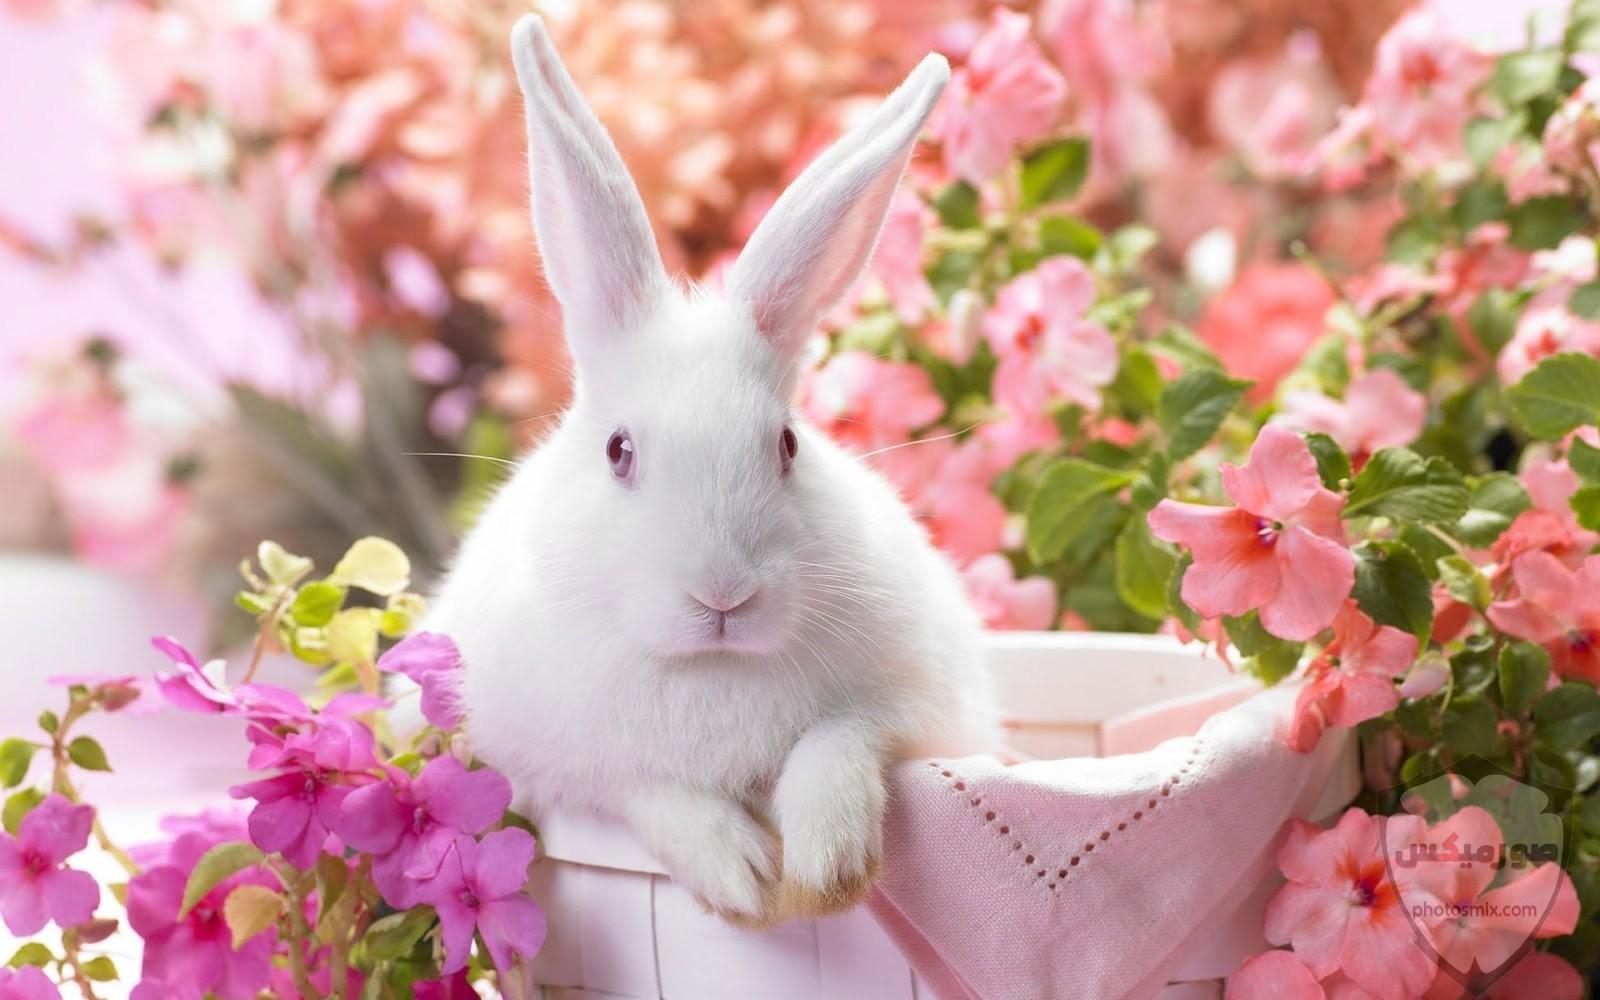 صور رمزيات حيوانات قطط كلاب ارانب كيوت خلفيات حيوانات جميلة للفيس بوك 27